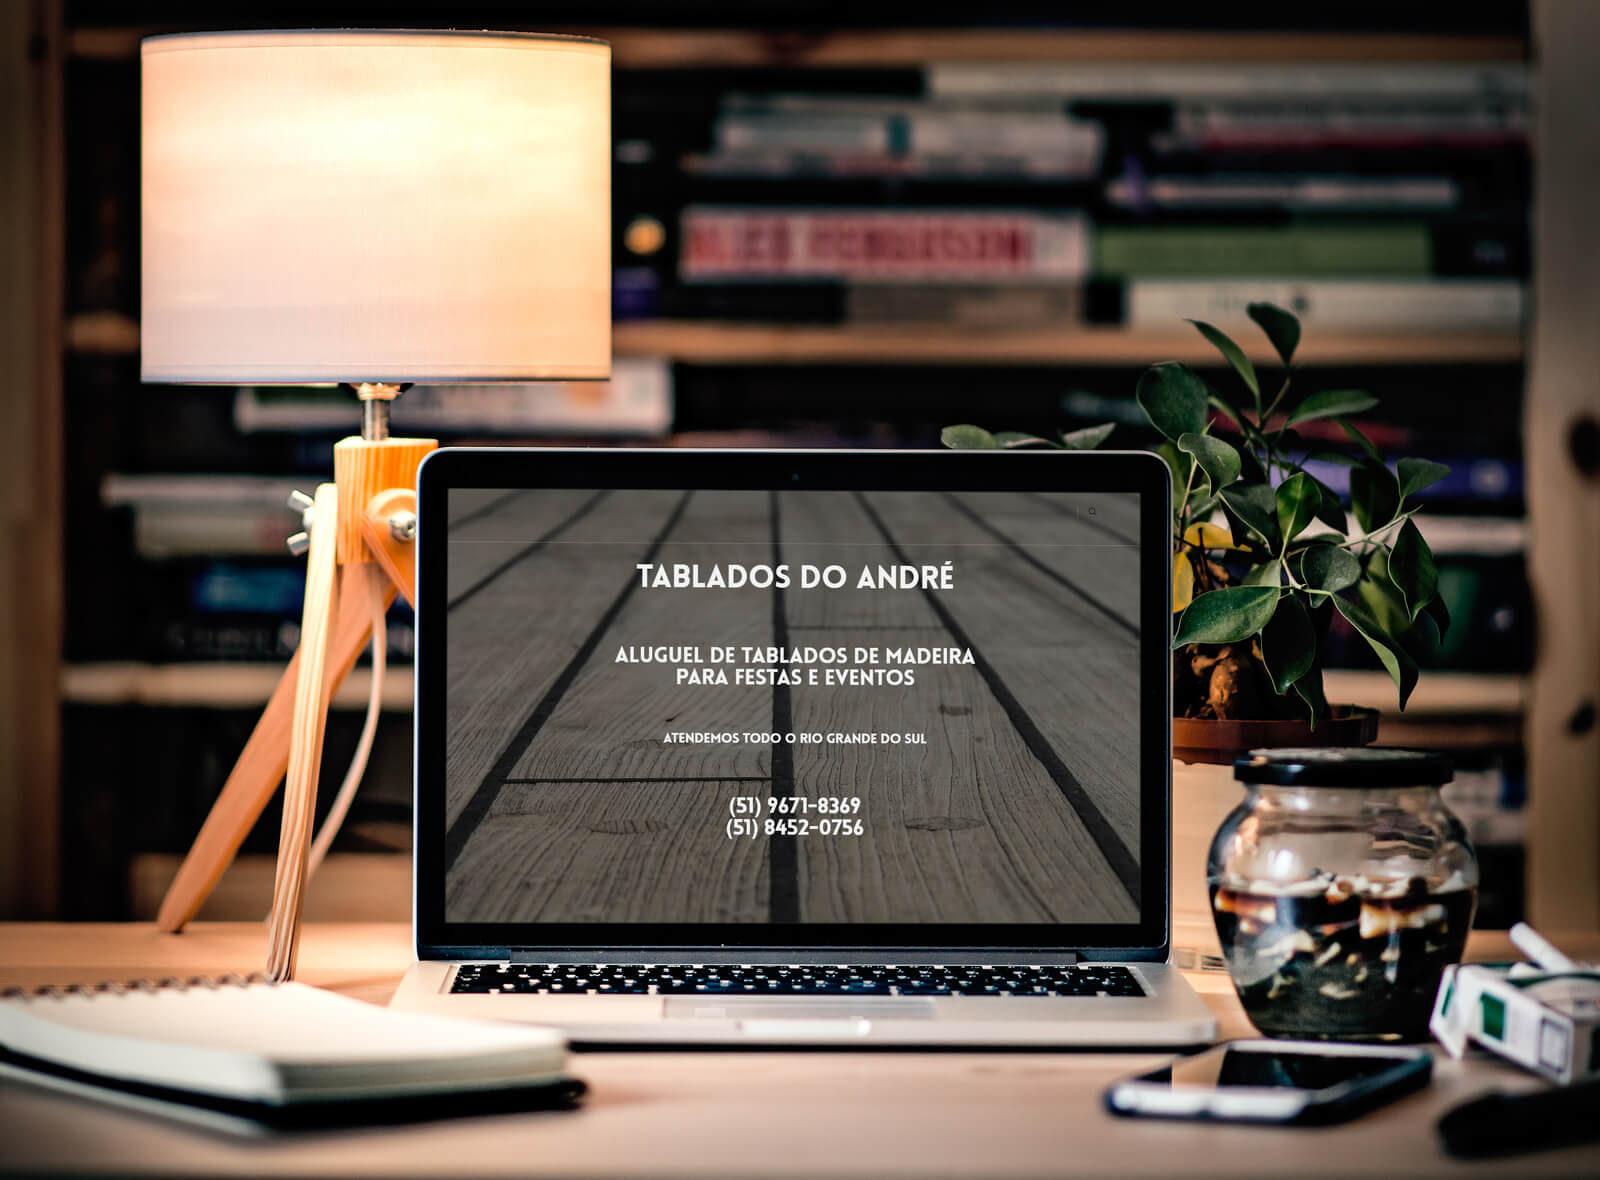 Tablados do André - Aluguel de Tablados de Madeira para Festas e Eventos - Tablados em Porto Alegre